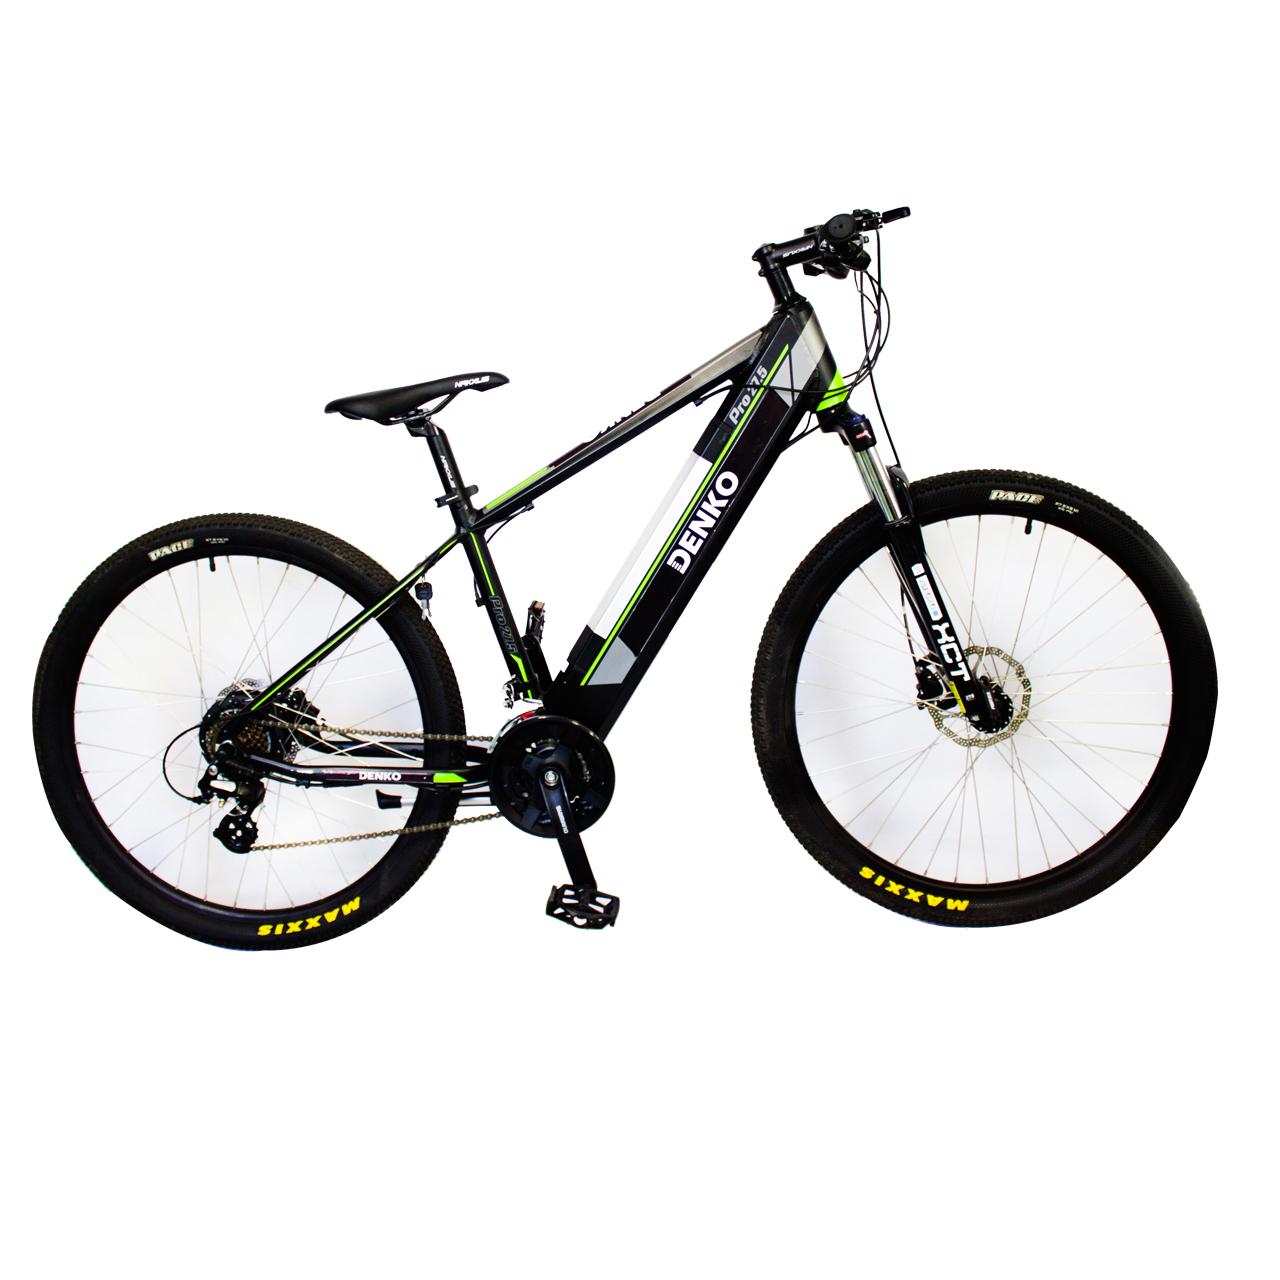 دوچرخه برقی دنکو مدل نکسوس M2 سایز 27.5